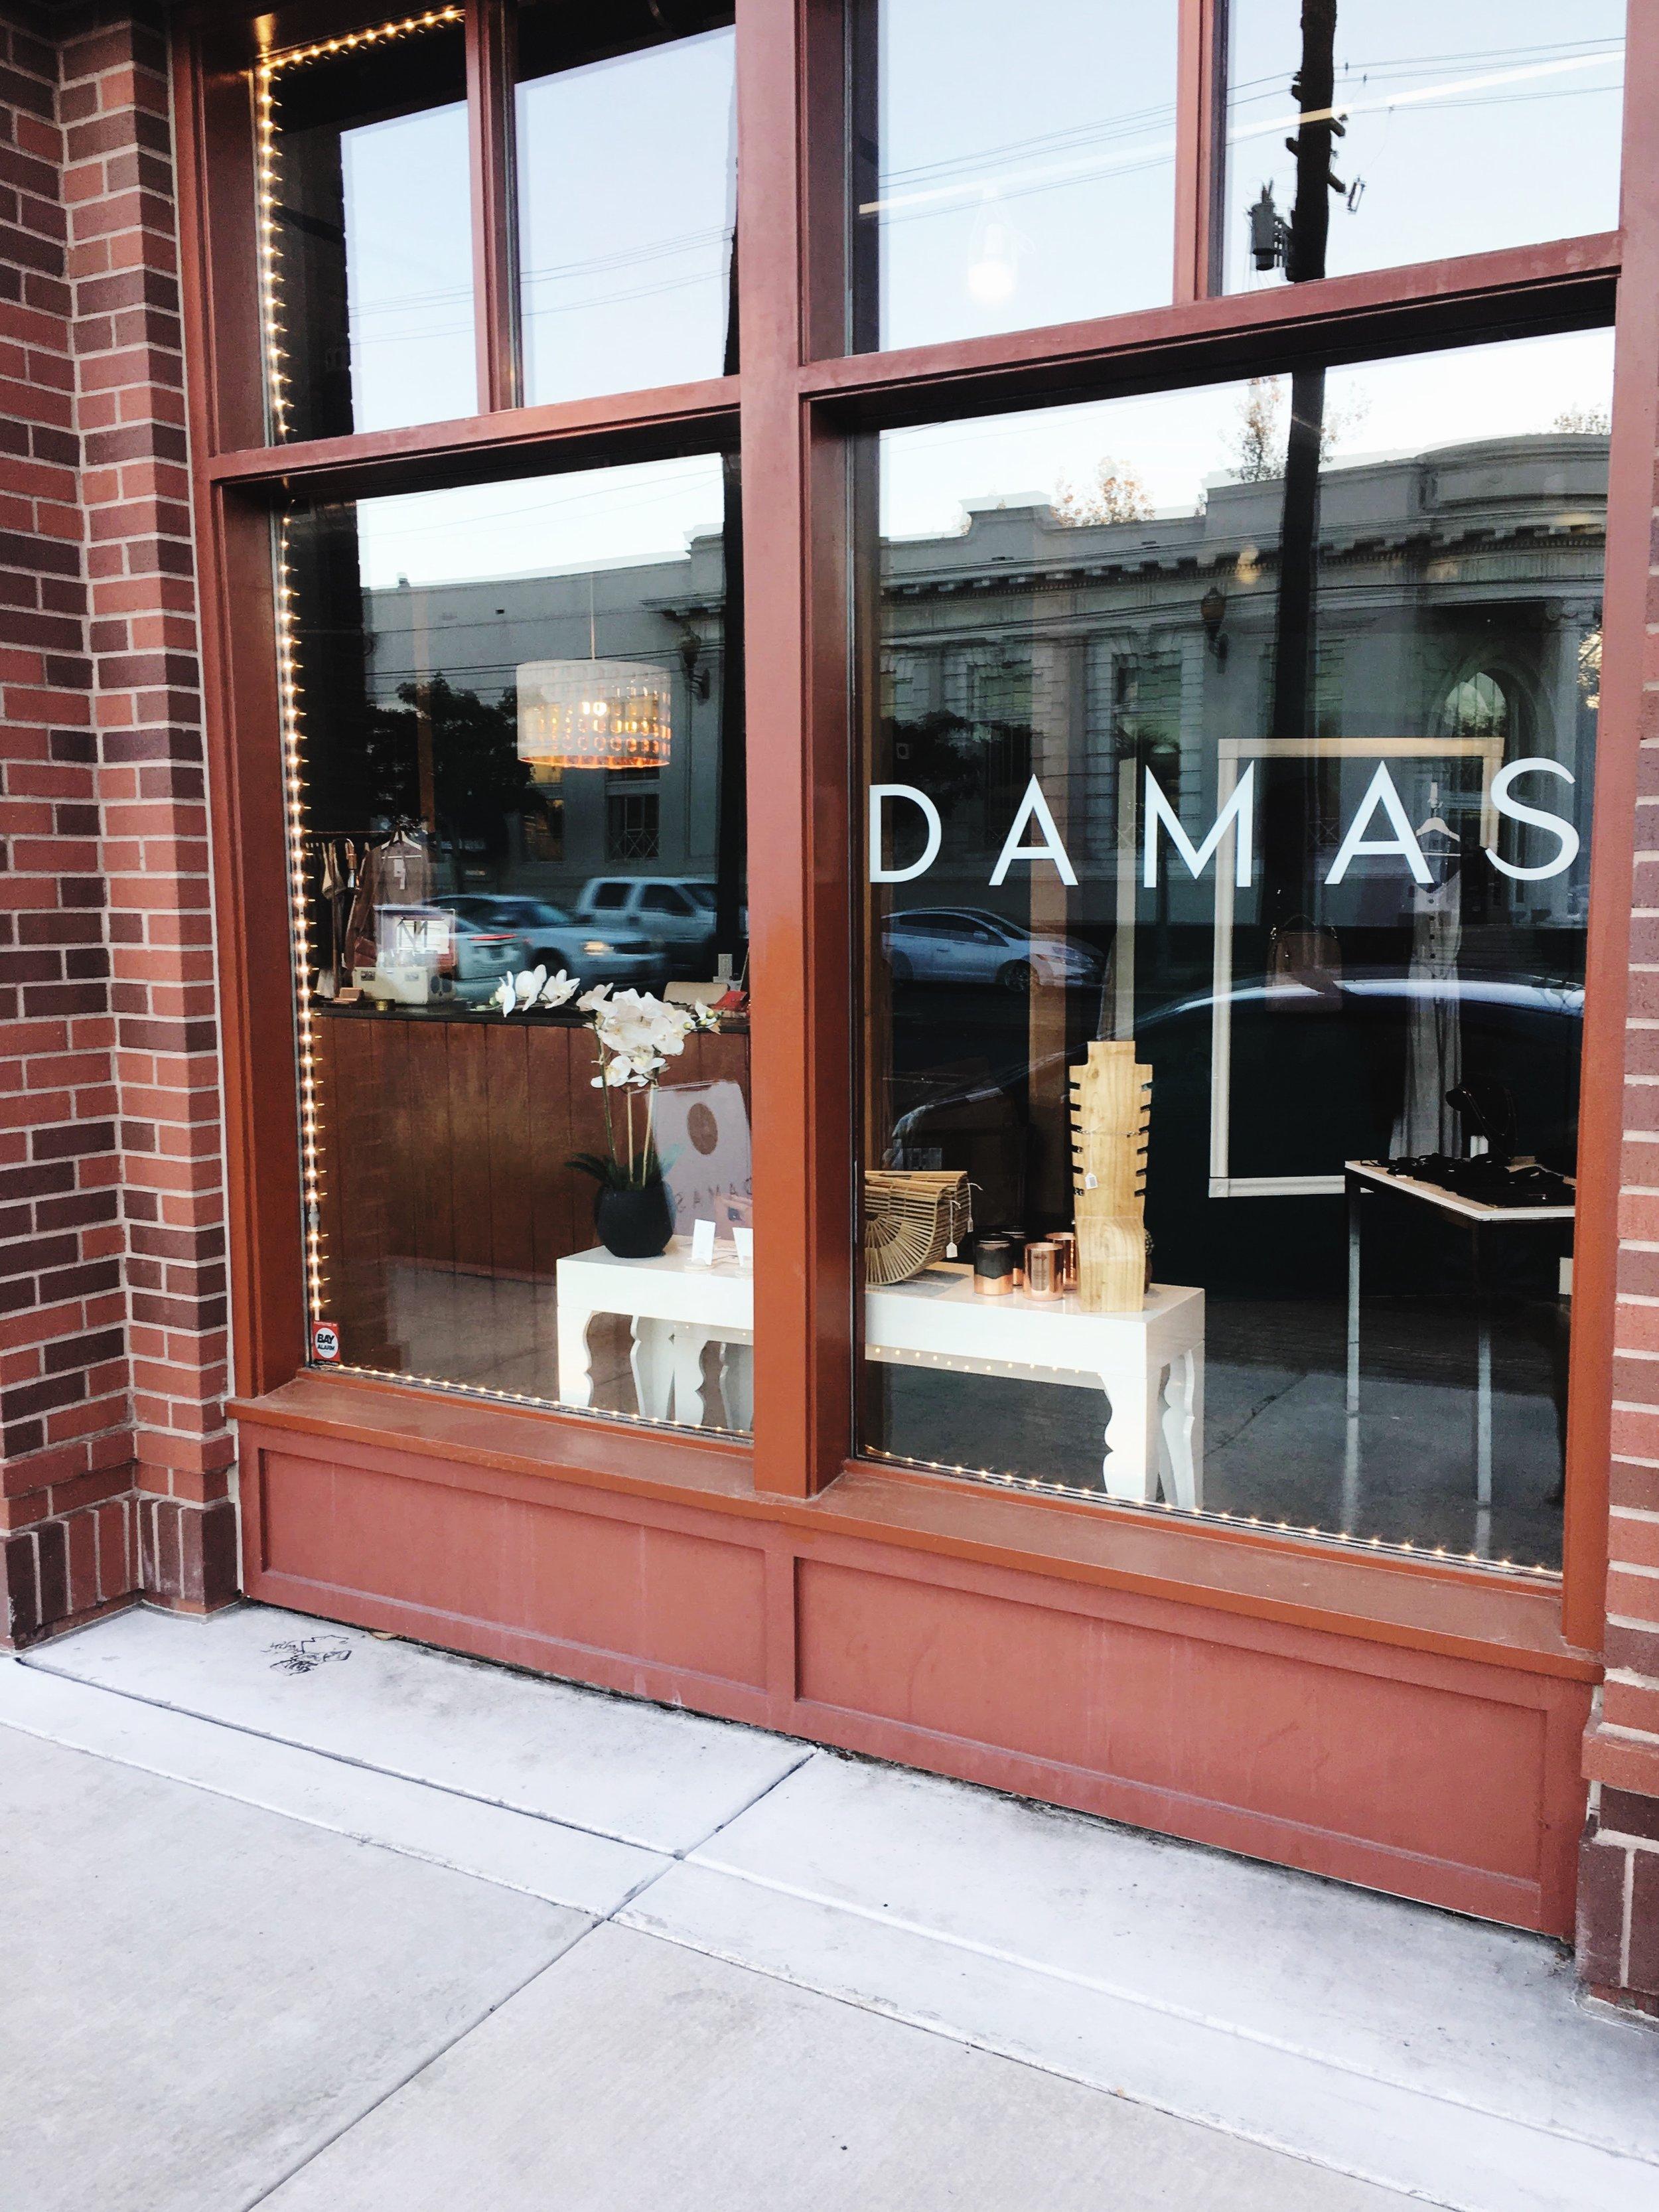 Oak Park California DAMAS Small Shop Bando Water Bottles